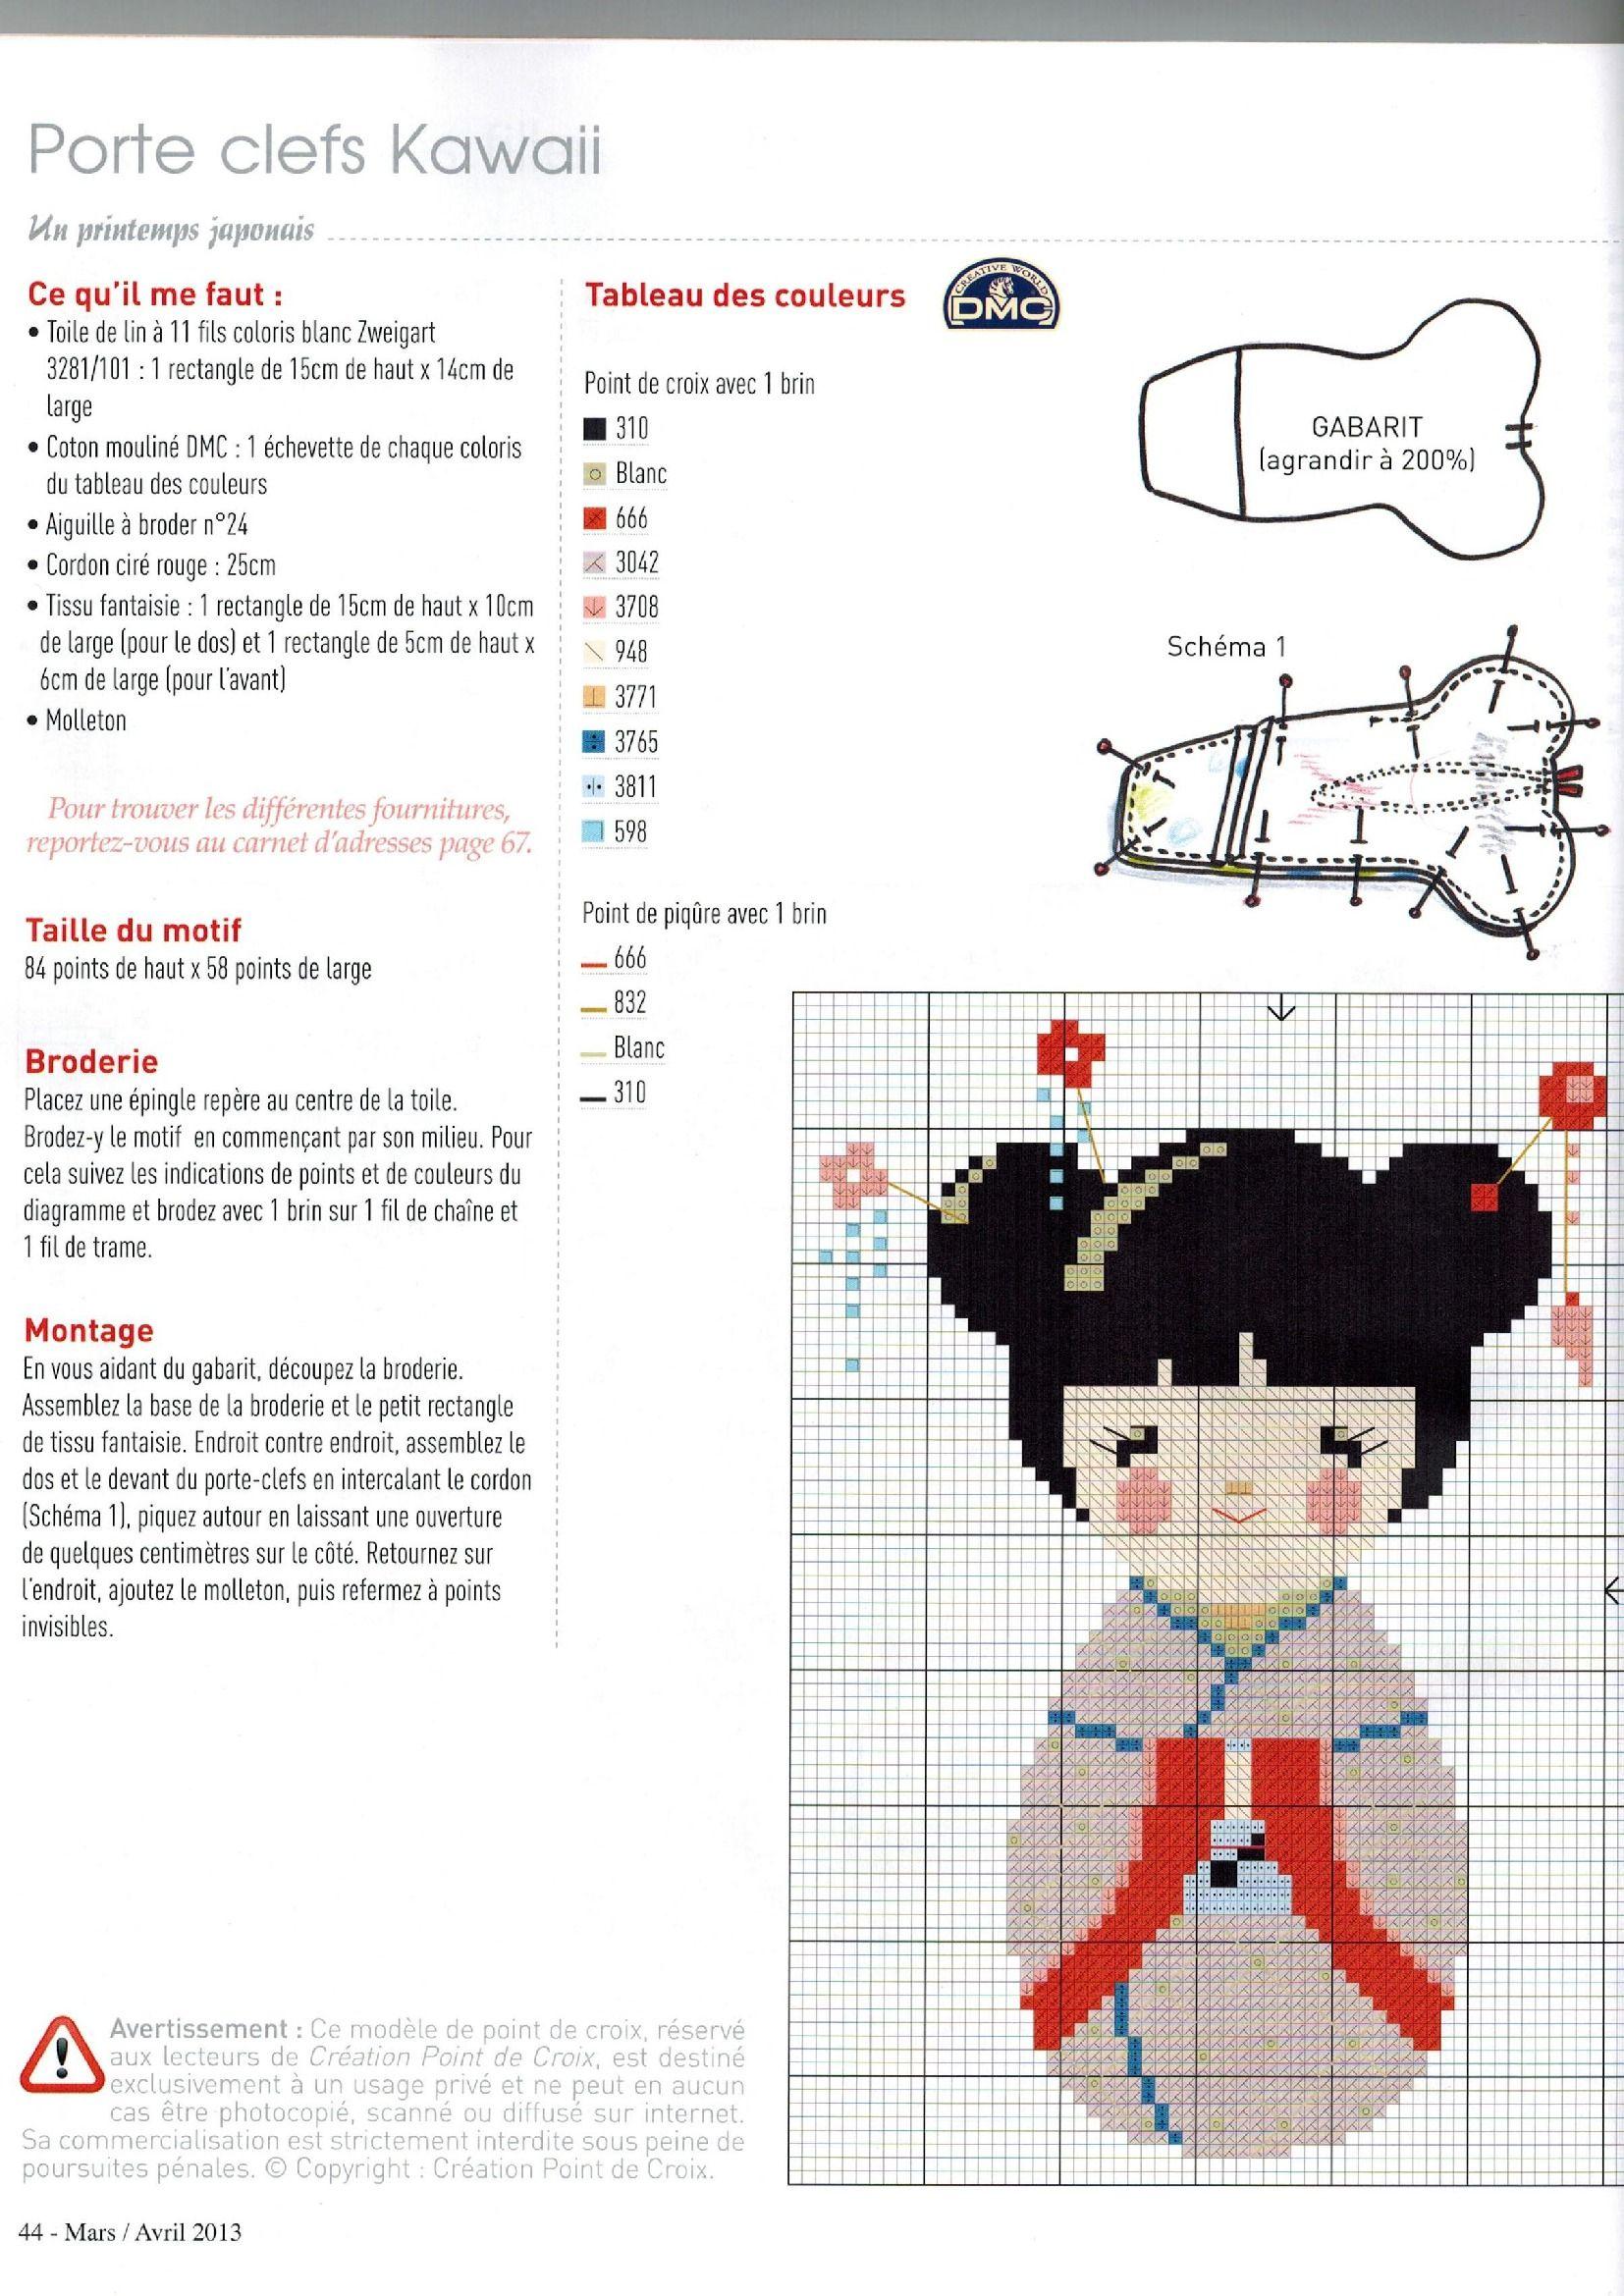 creation_point_de_croix_29_2013-19.jpg